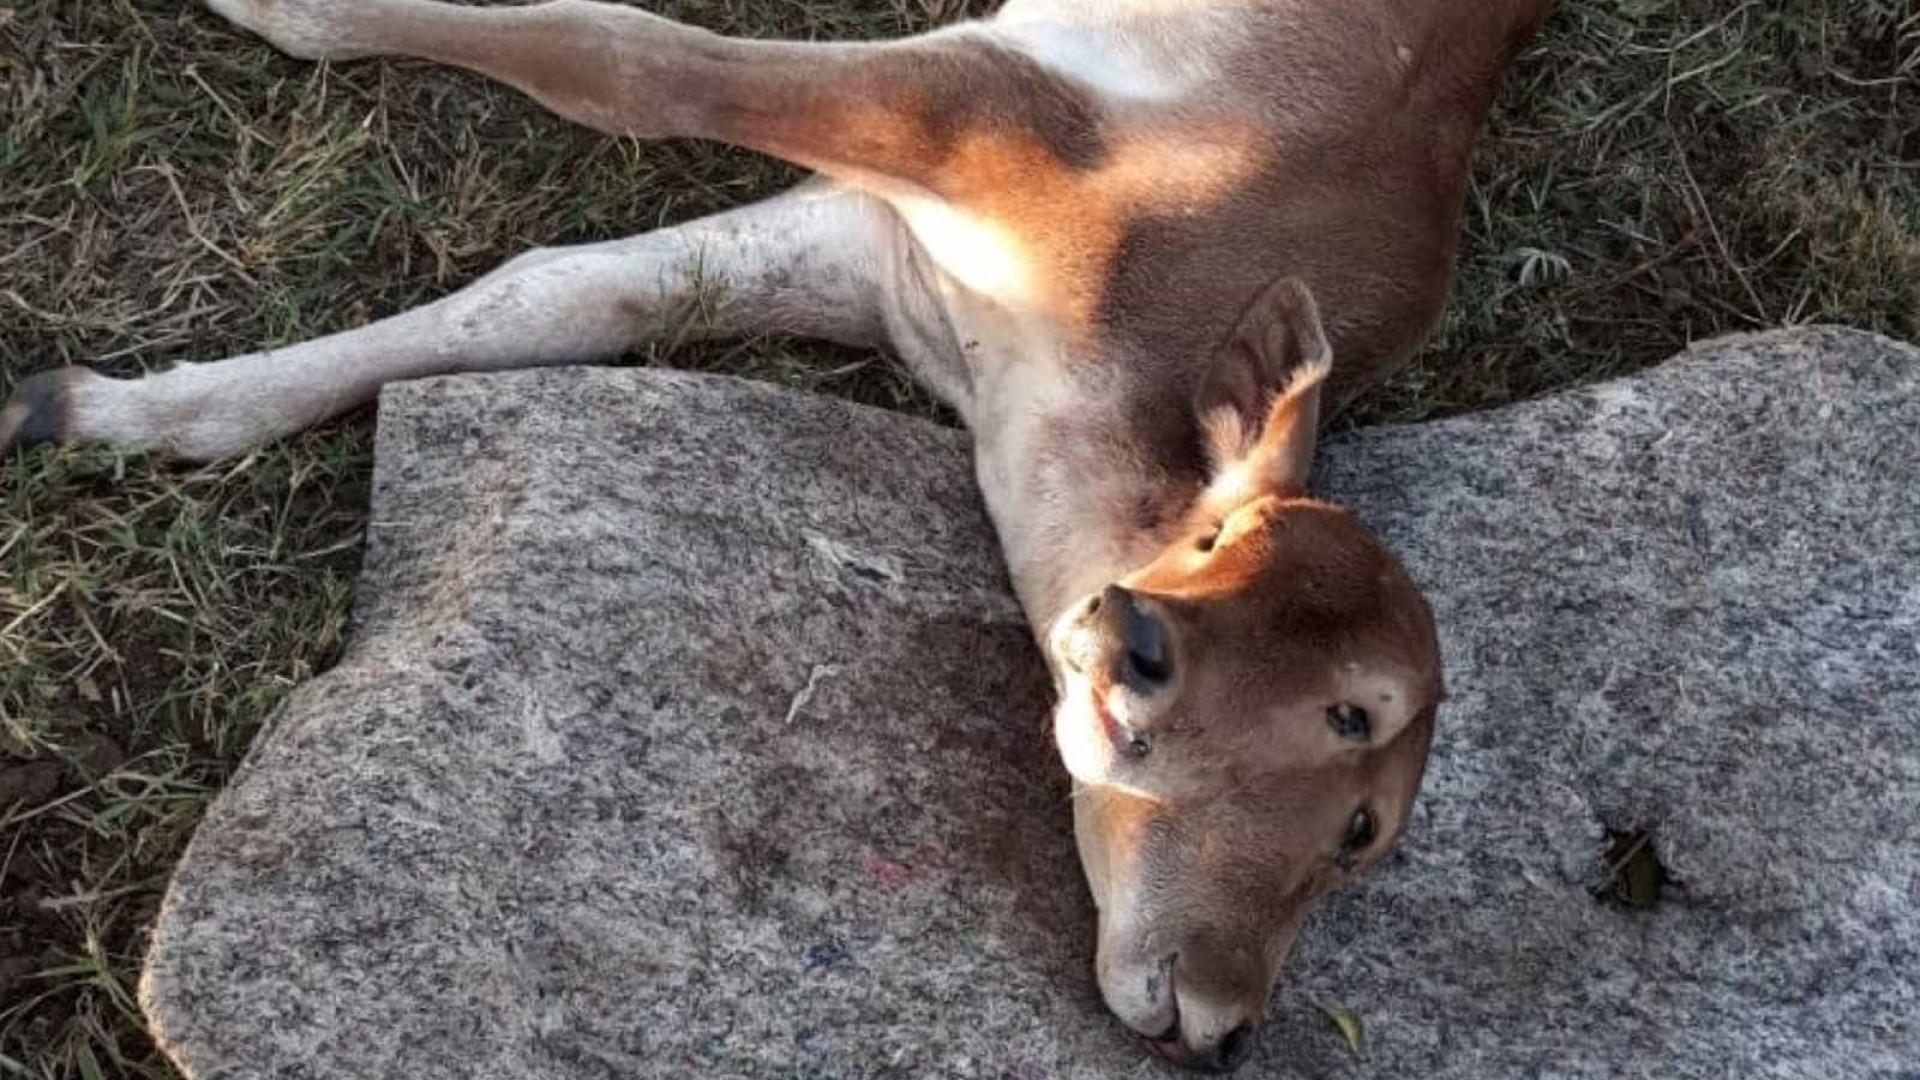 Bezerro nasce com duas cabeças em fazenda no interior de Goiás